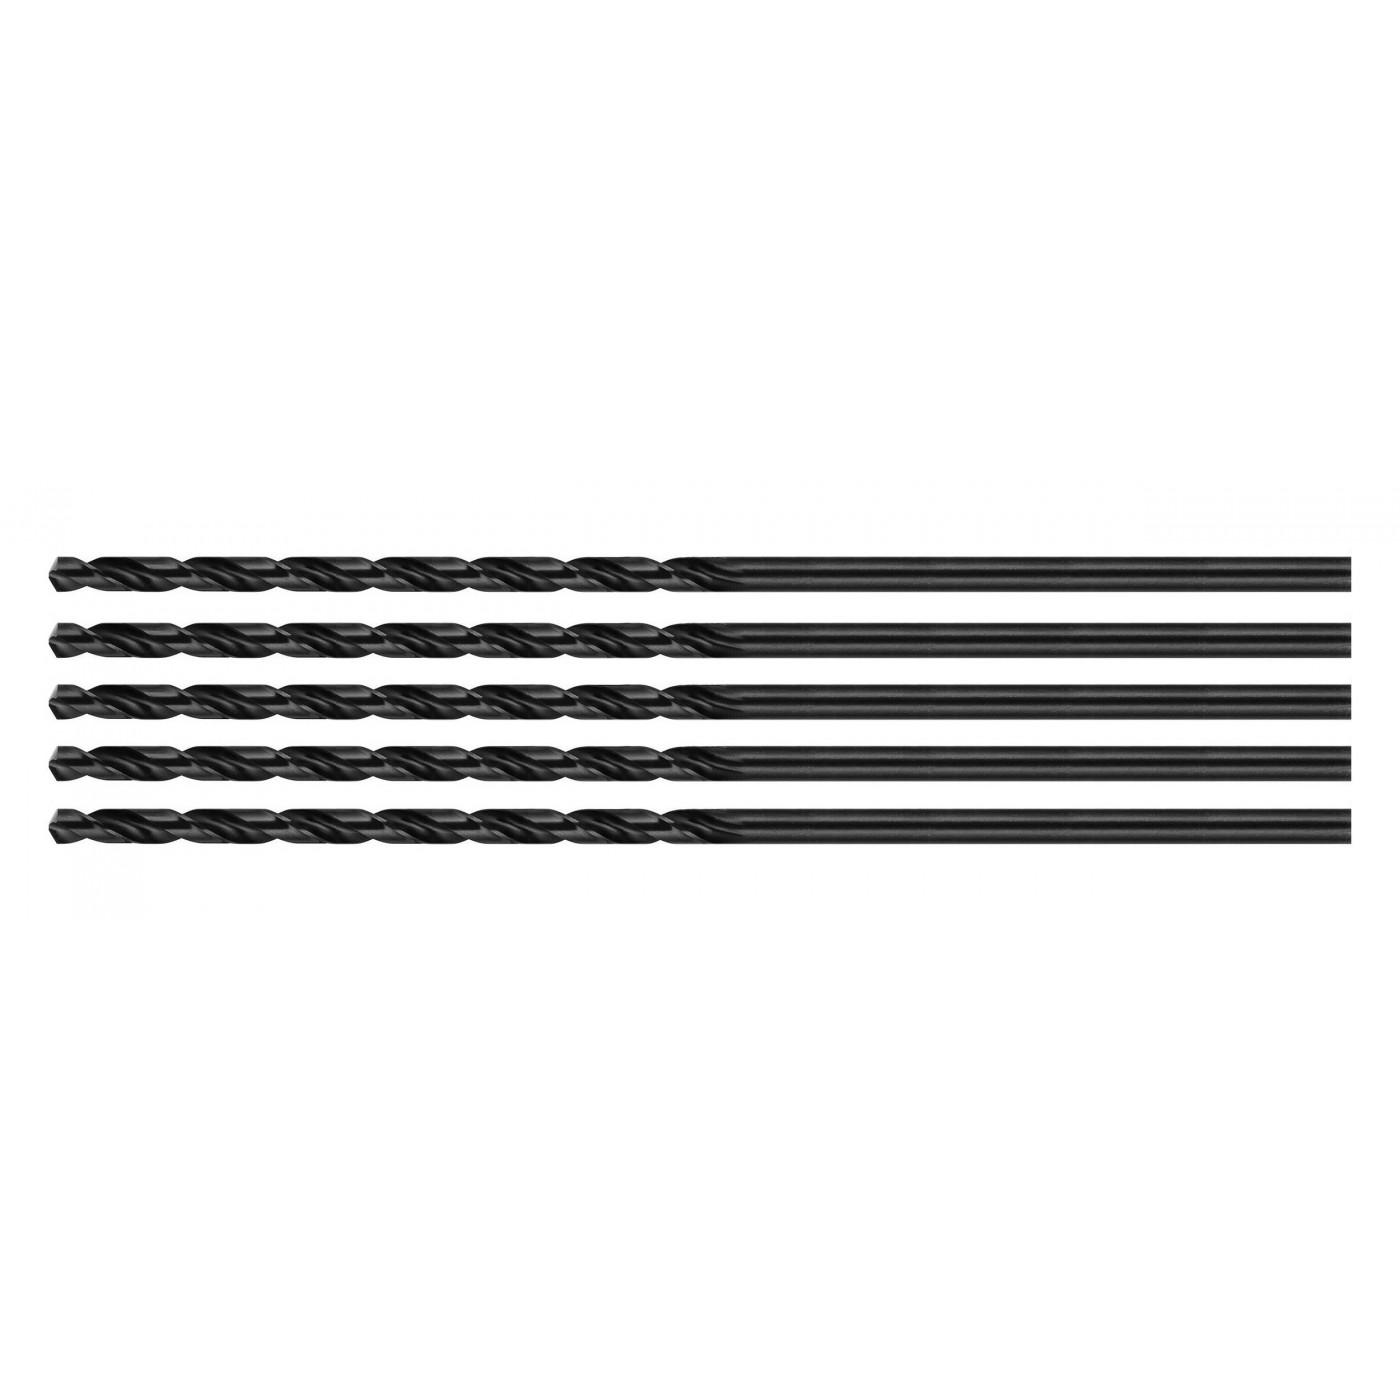 Set von 5 Metallbohrern (HSS, 3,5x200 mm)